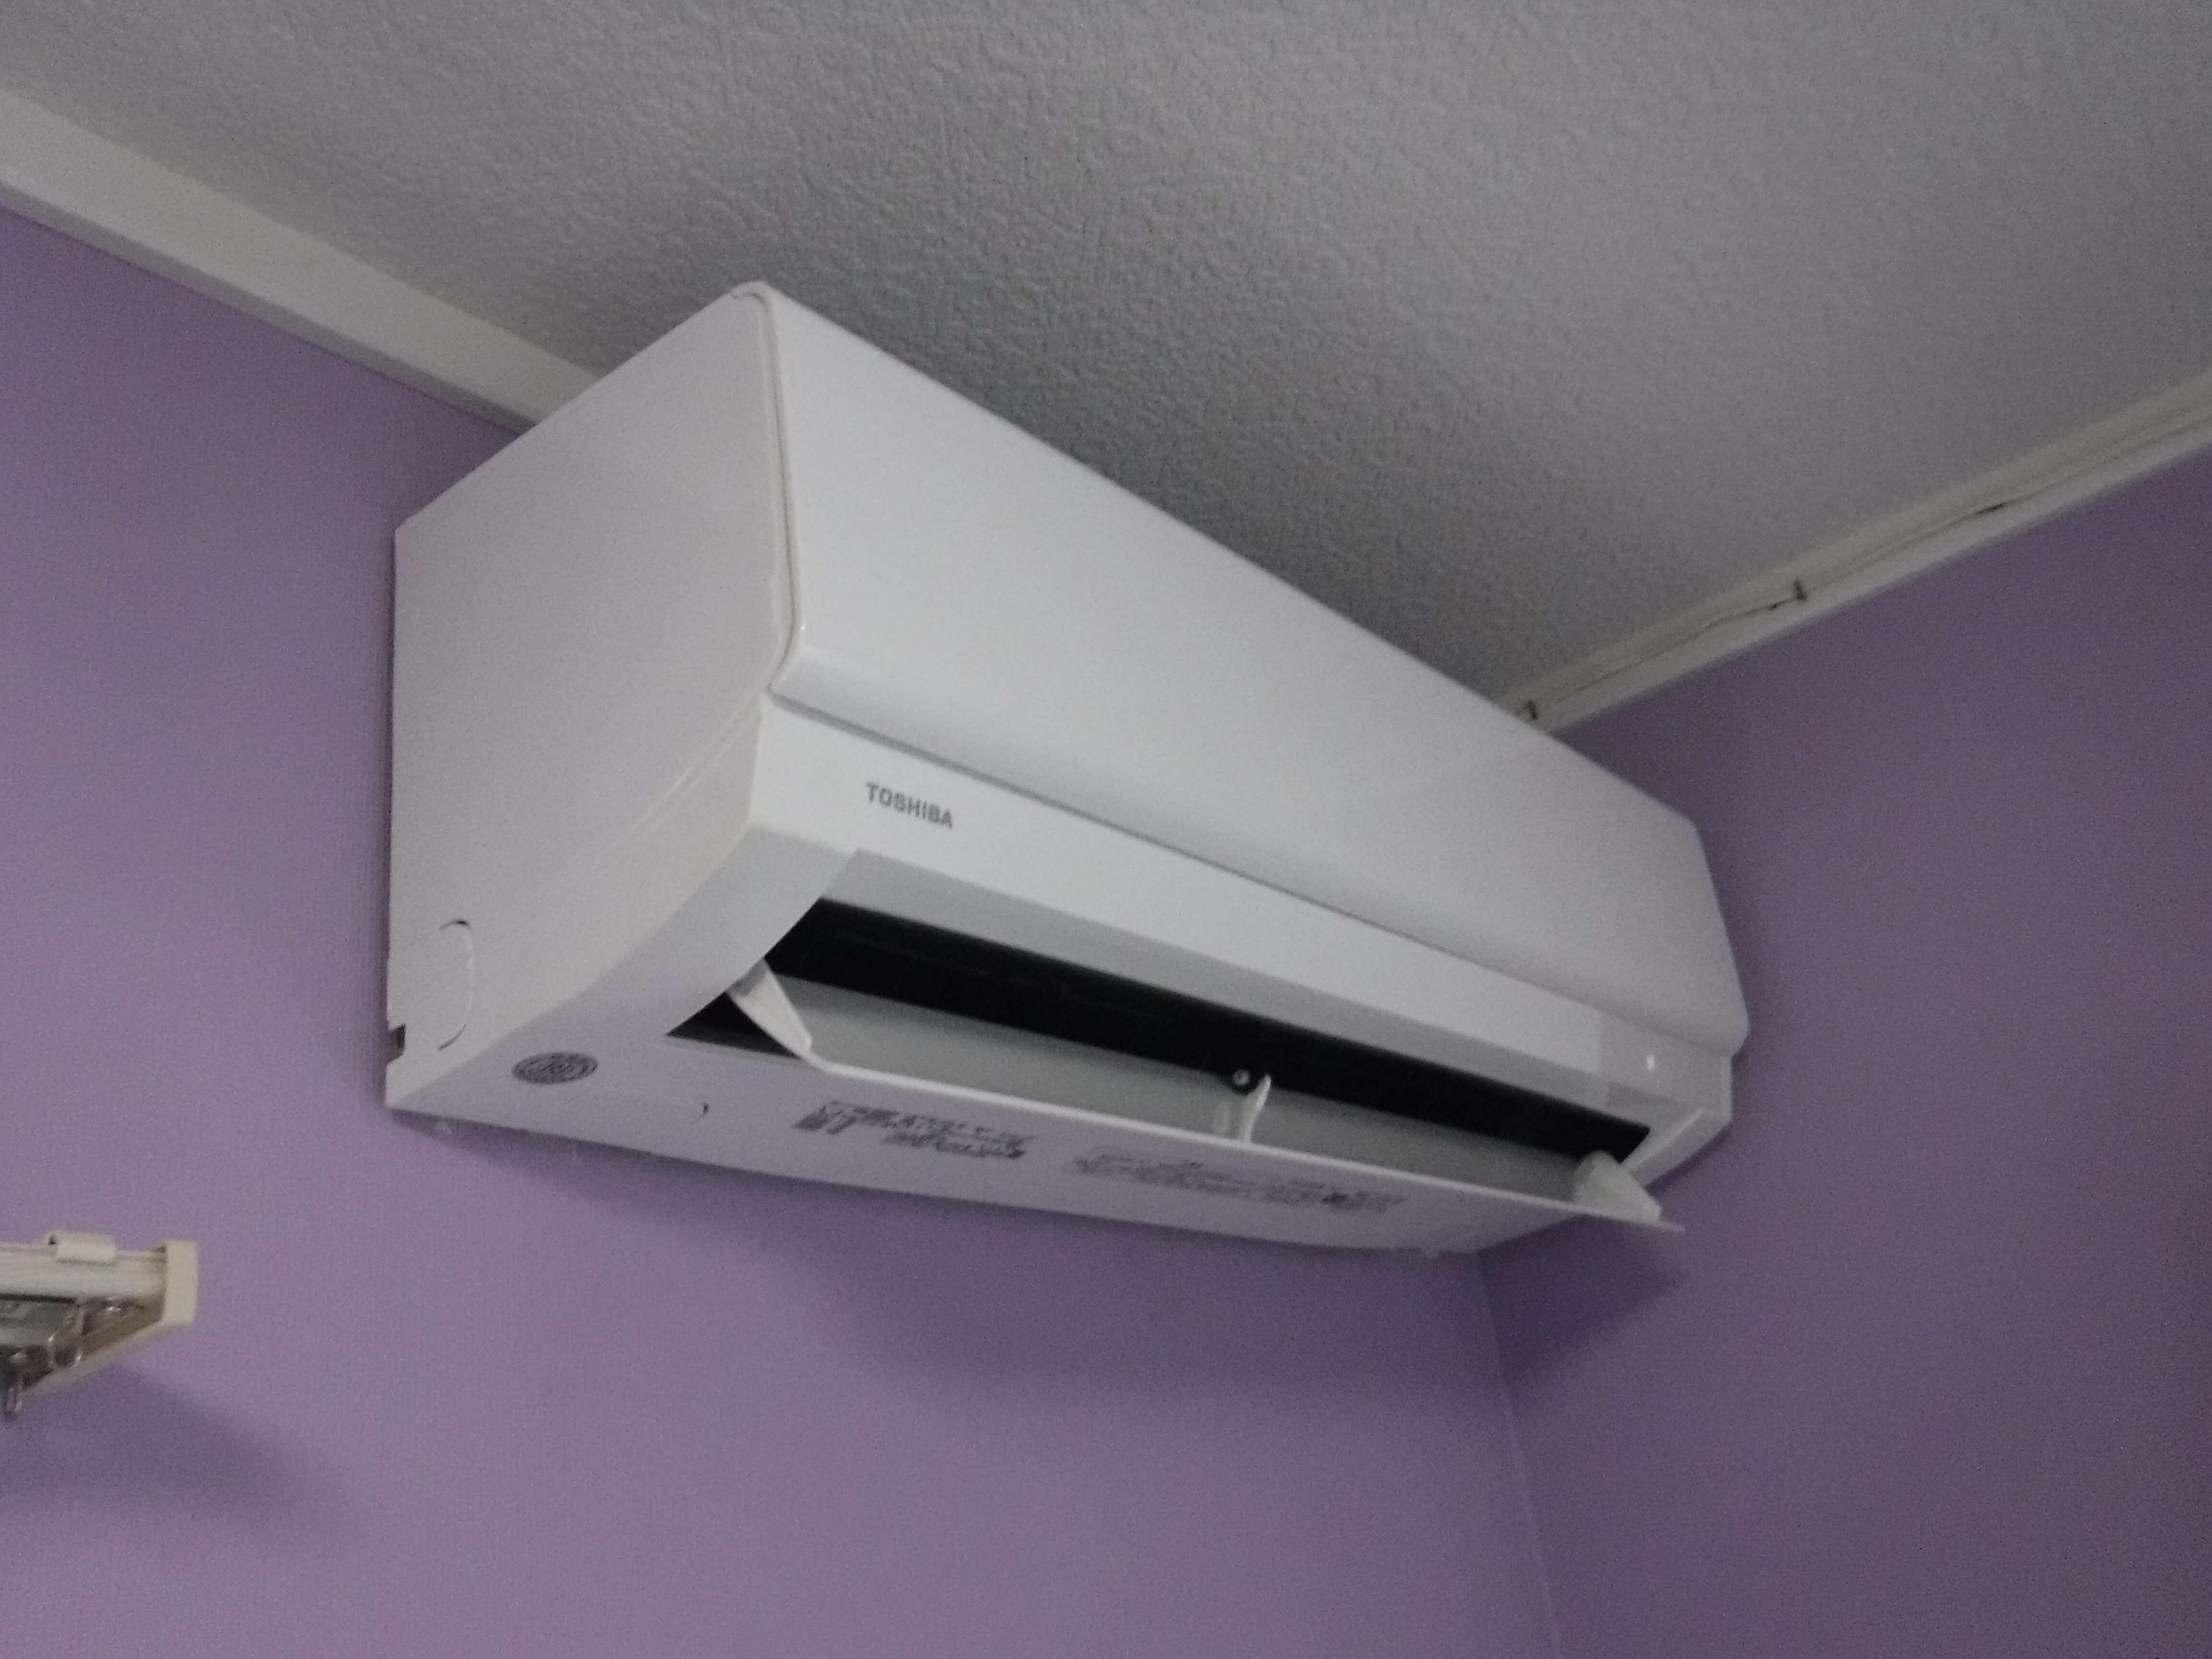 娘の部屋のエアコン壊れてるんだけど・・・で、済む話ではない暑さ♪